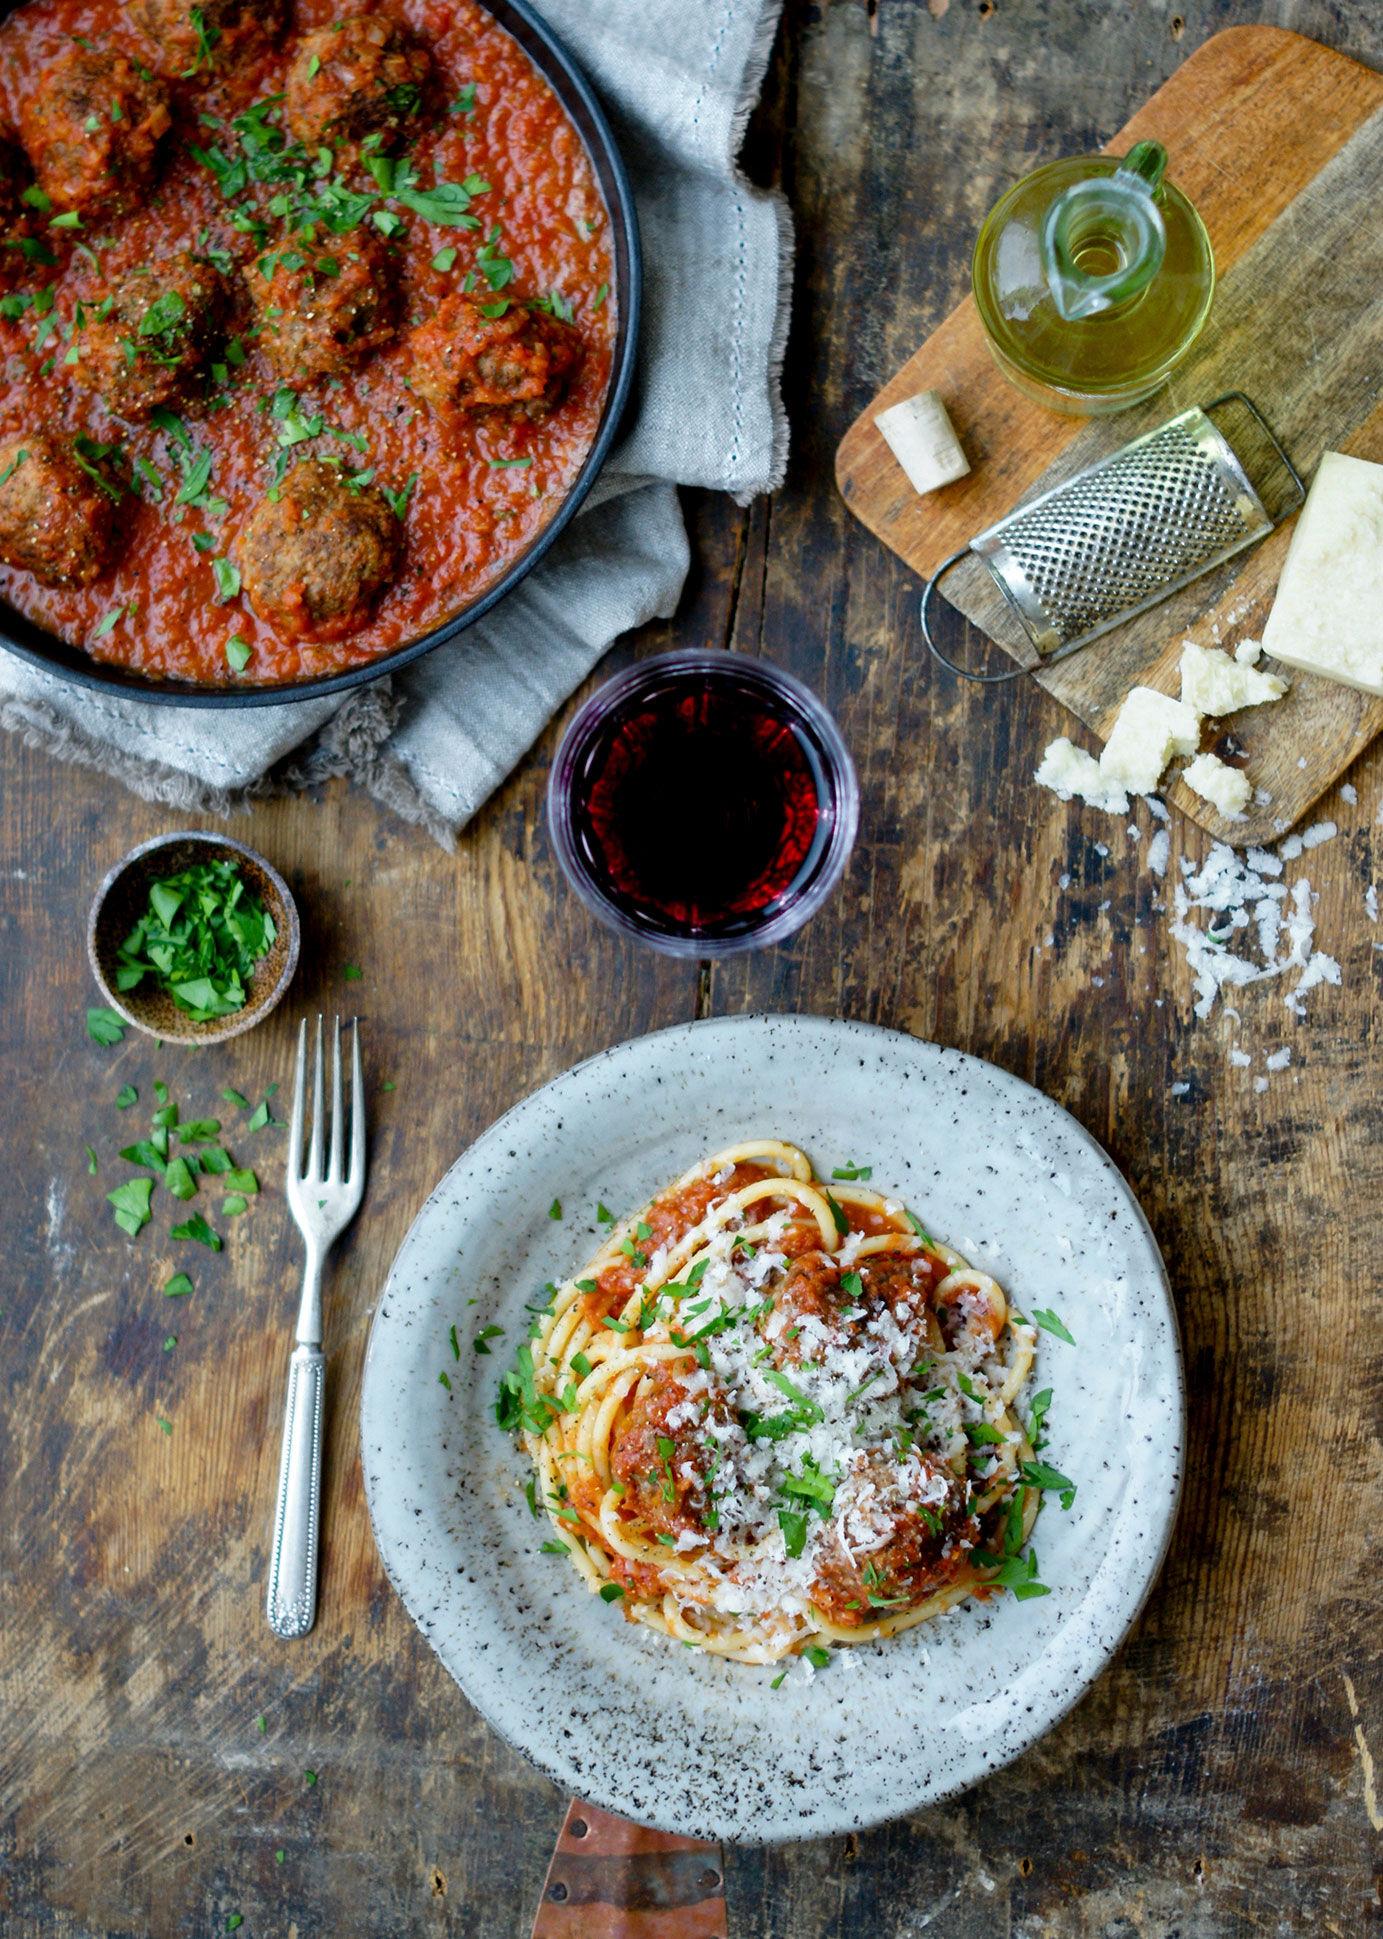 italienska köttbullar i tomatsås med spaghetti uppdukad på träbord